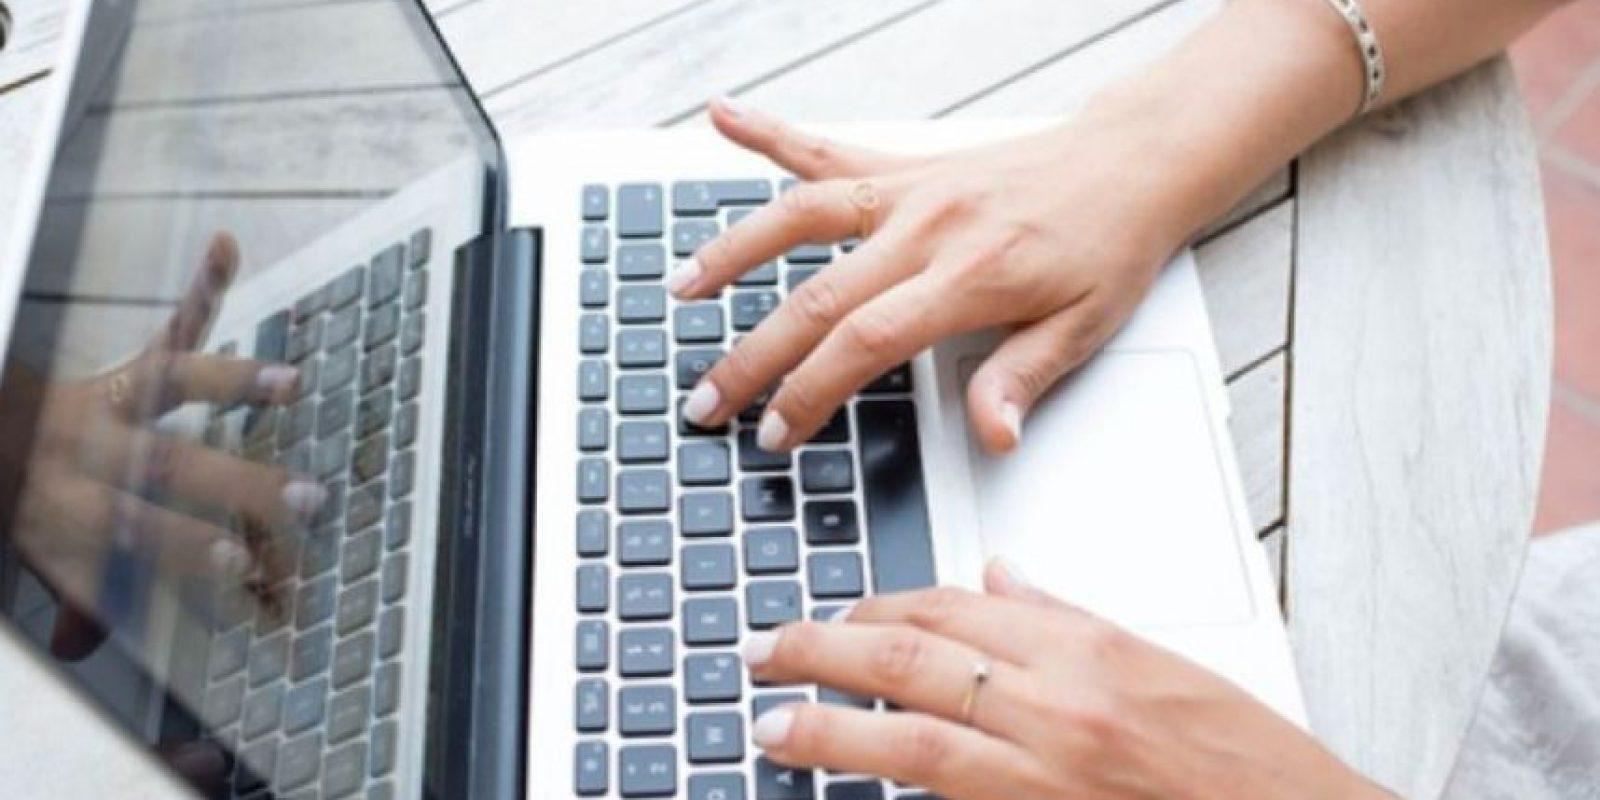 Siempre actualicen los programas instalados en su ordenador. Foto:Vía Tumblr.com